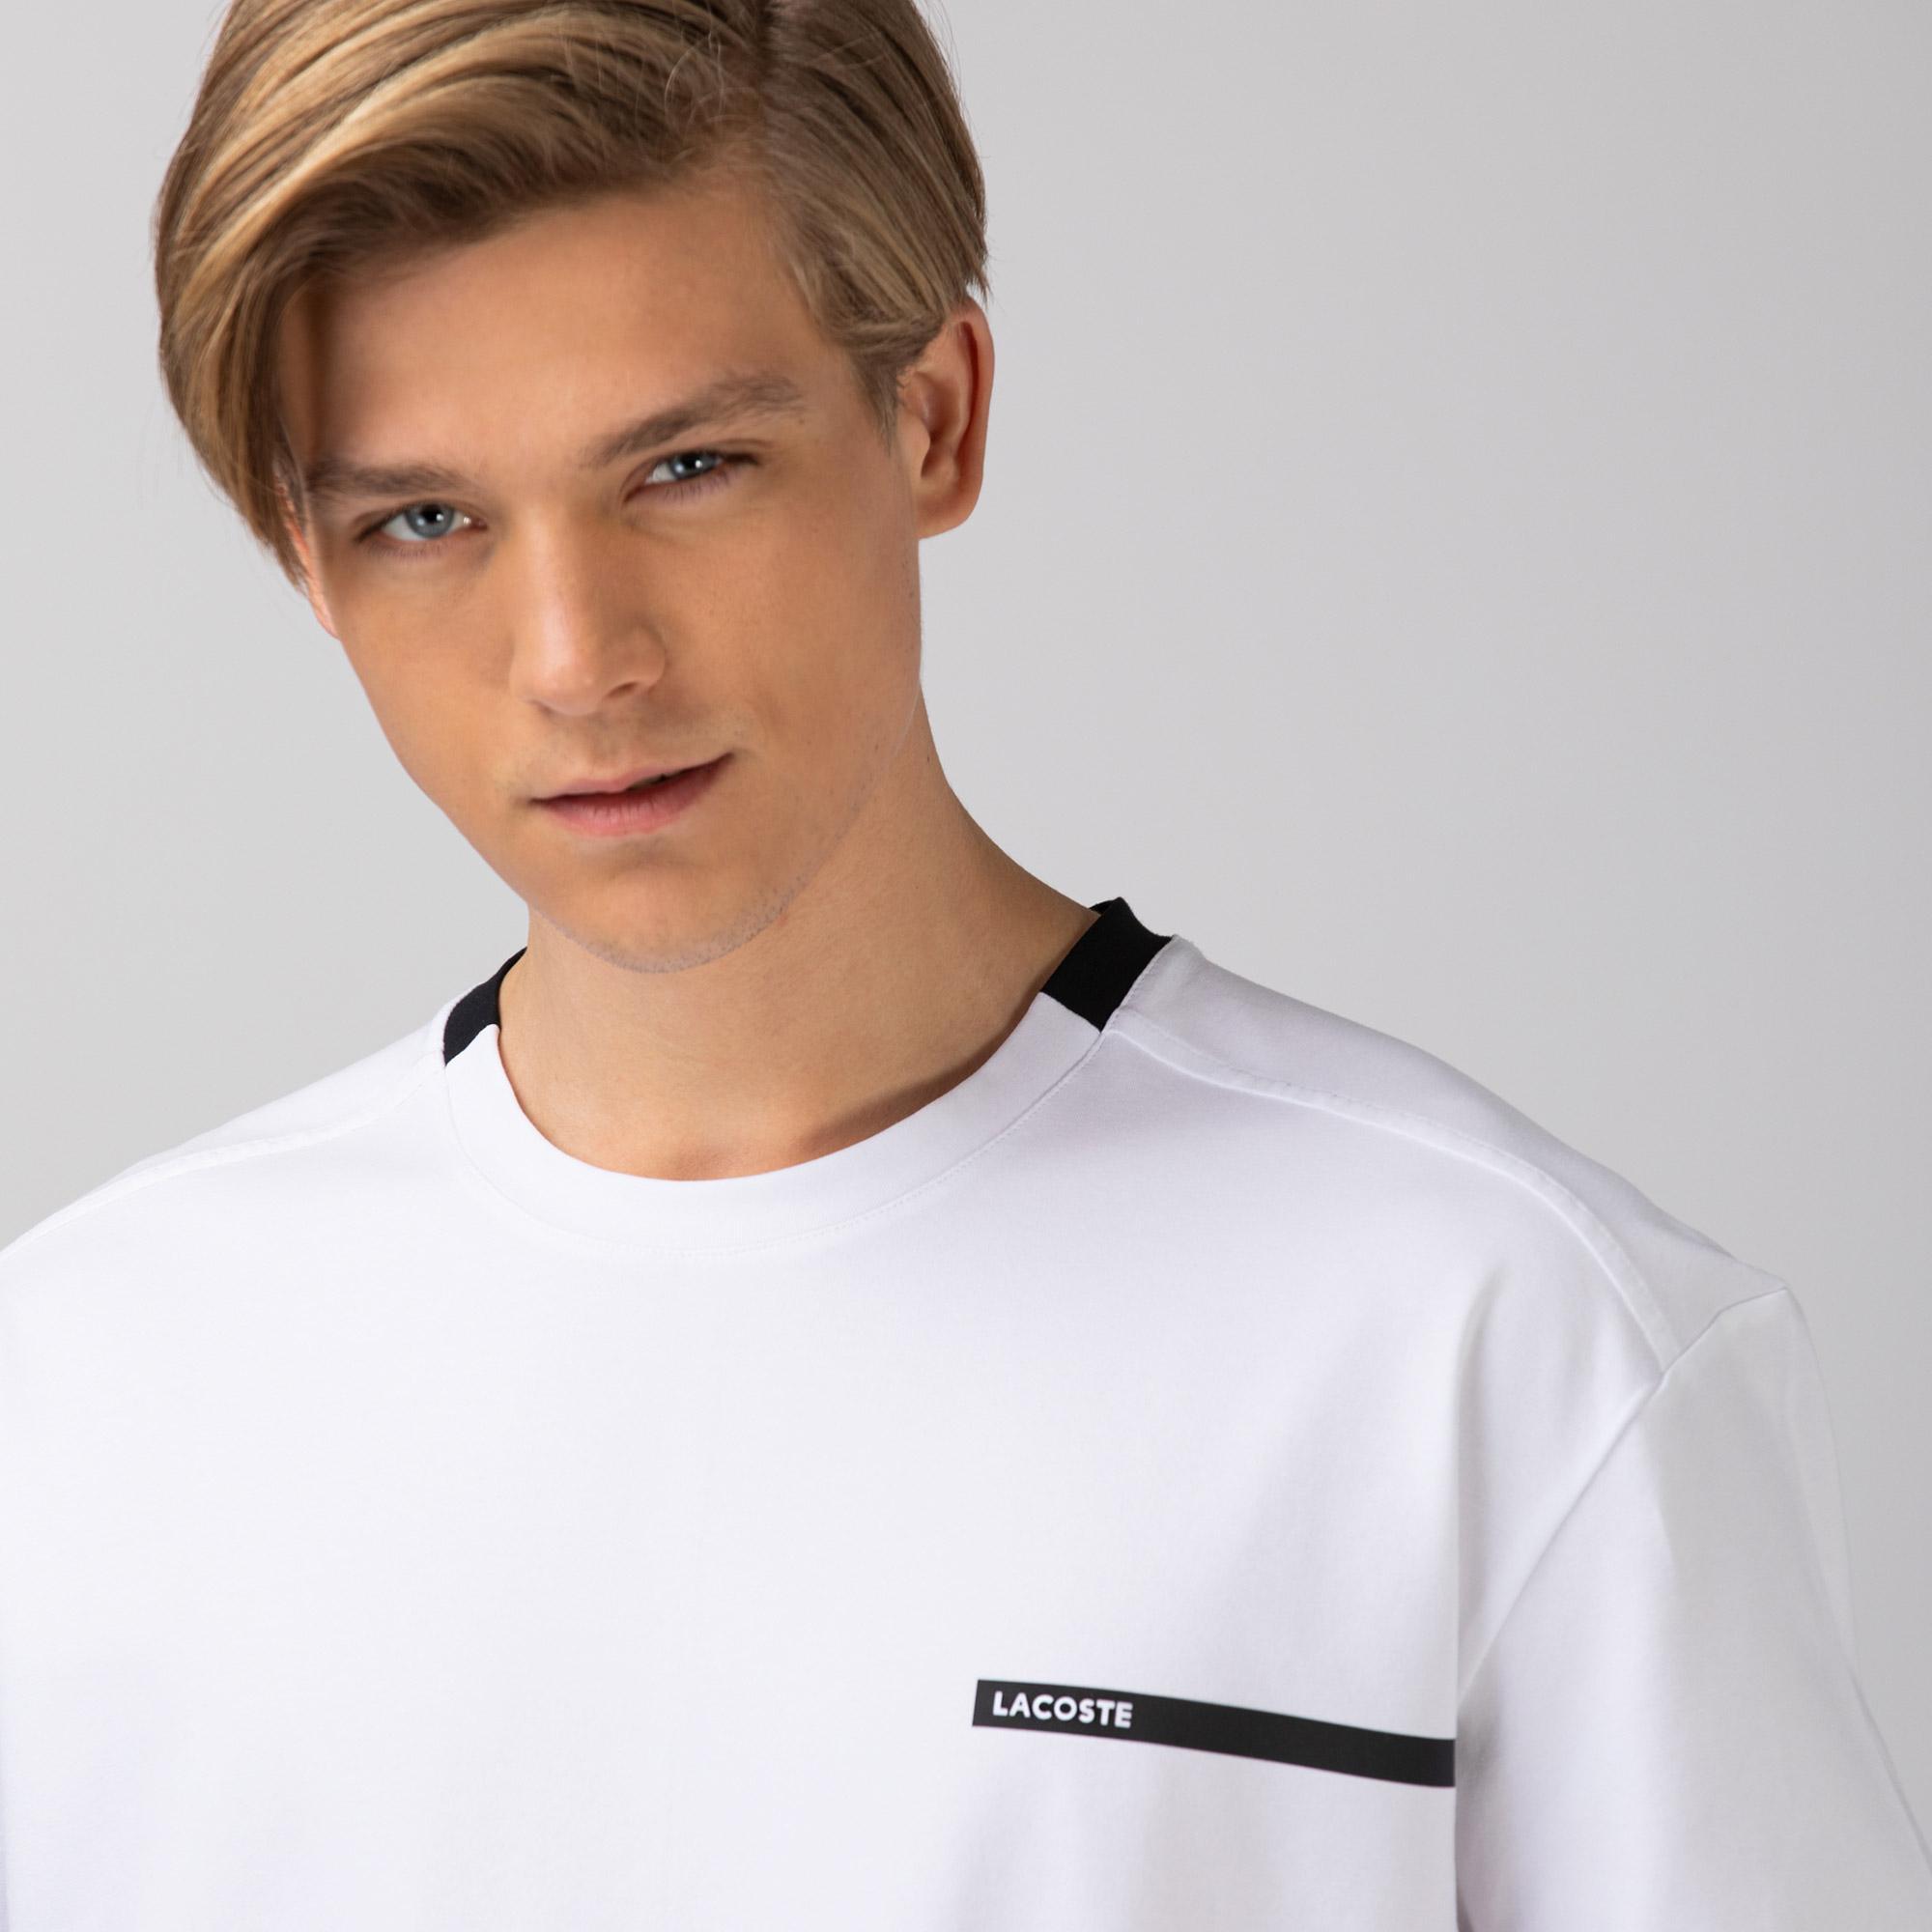 Lacoste Erkek Rahat Fit Bisiklet Yaka Beyaz T-Shirt